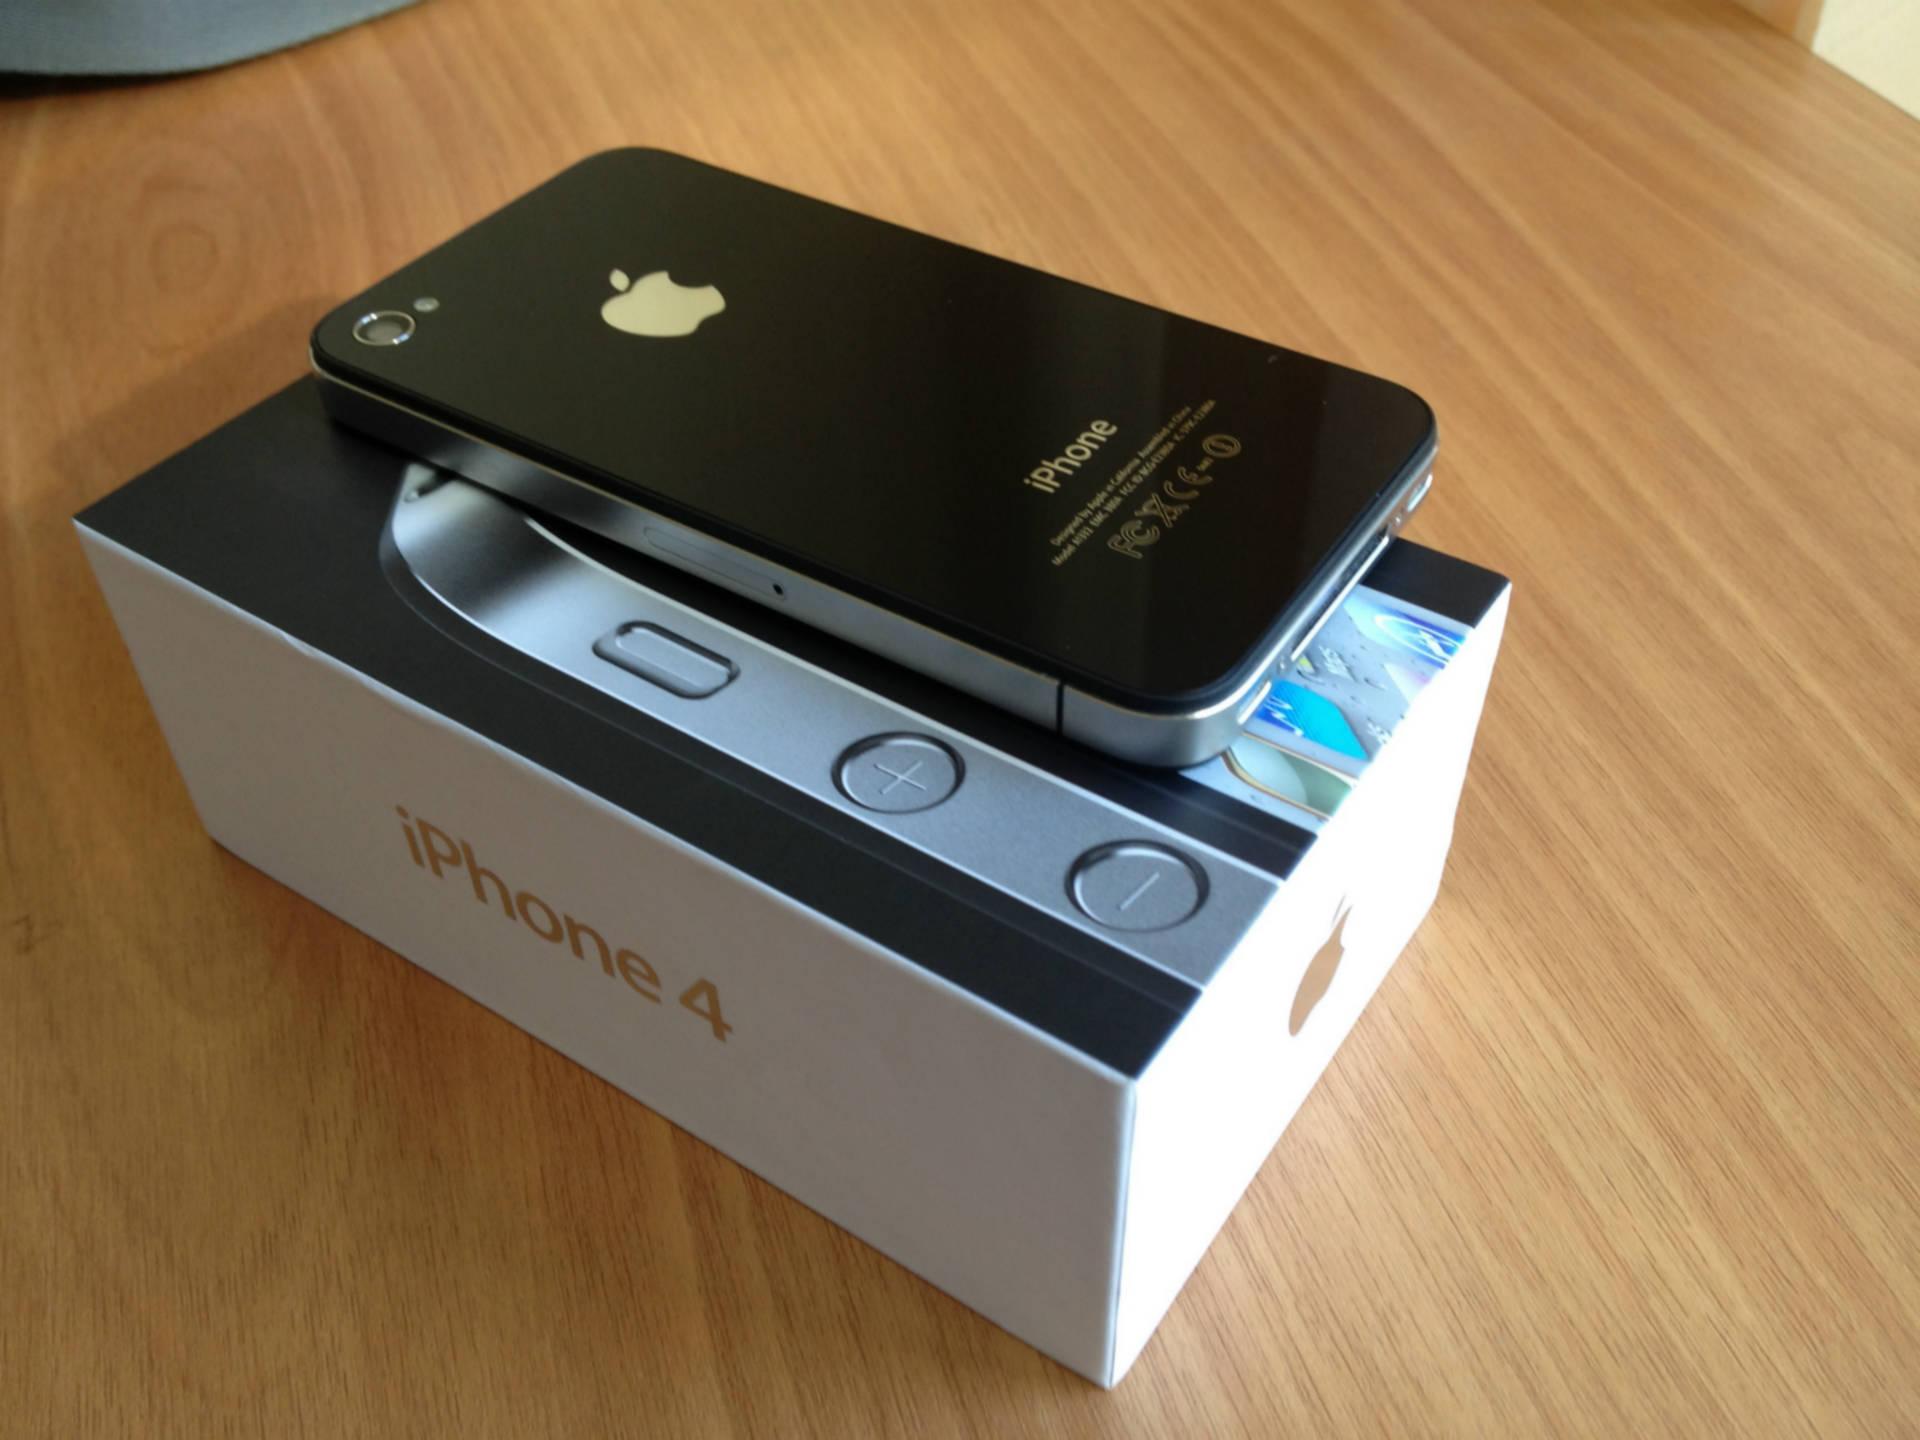 apple iphone 4 16gb черный симфри — Общение — Корзина — PRICE ...